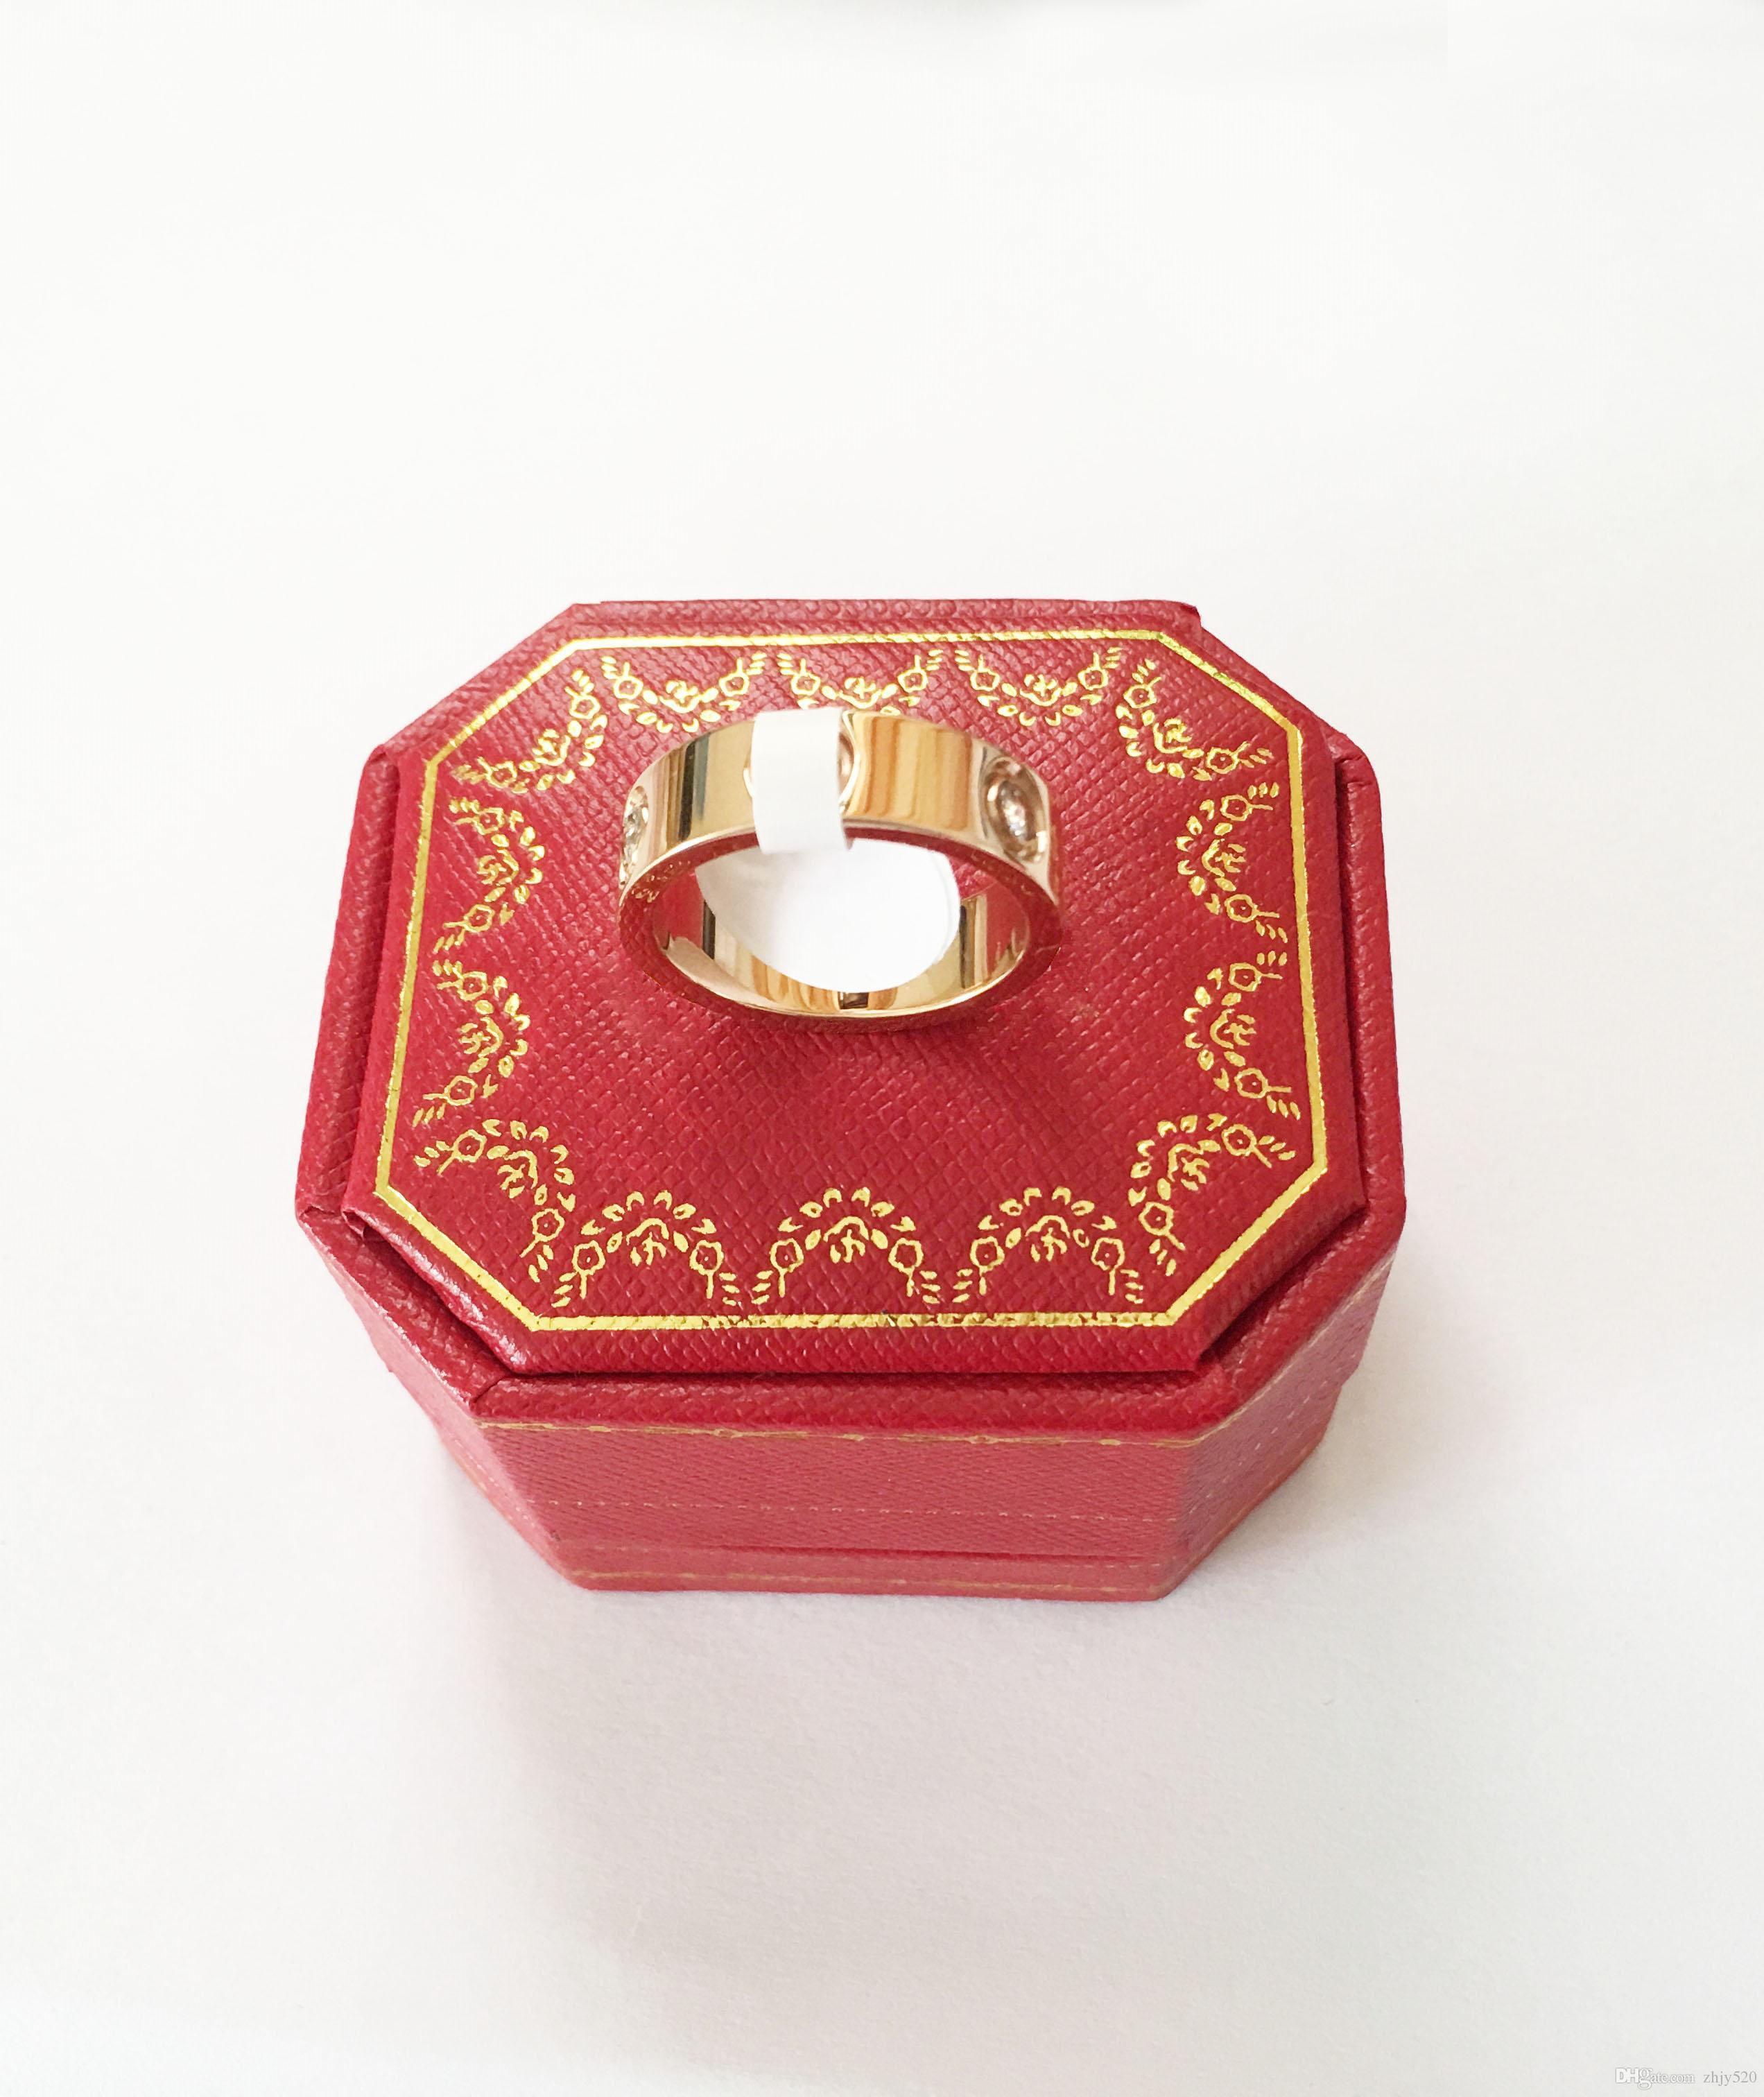 티타늄 스틸 실버 원래 상자 4mm 5mm의 연인 커플 링 골드 사랑 반지 장미